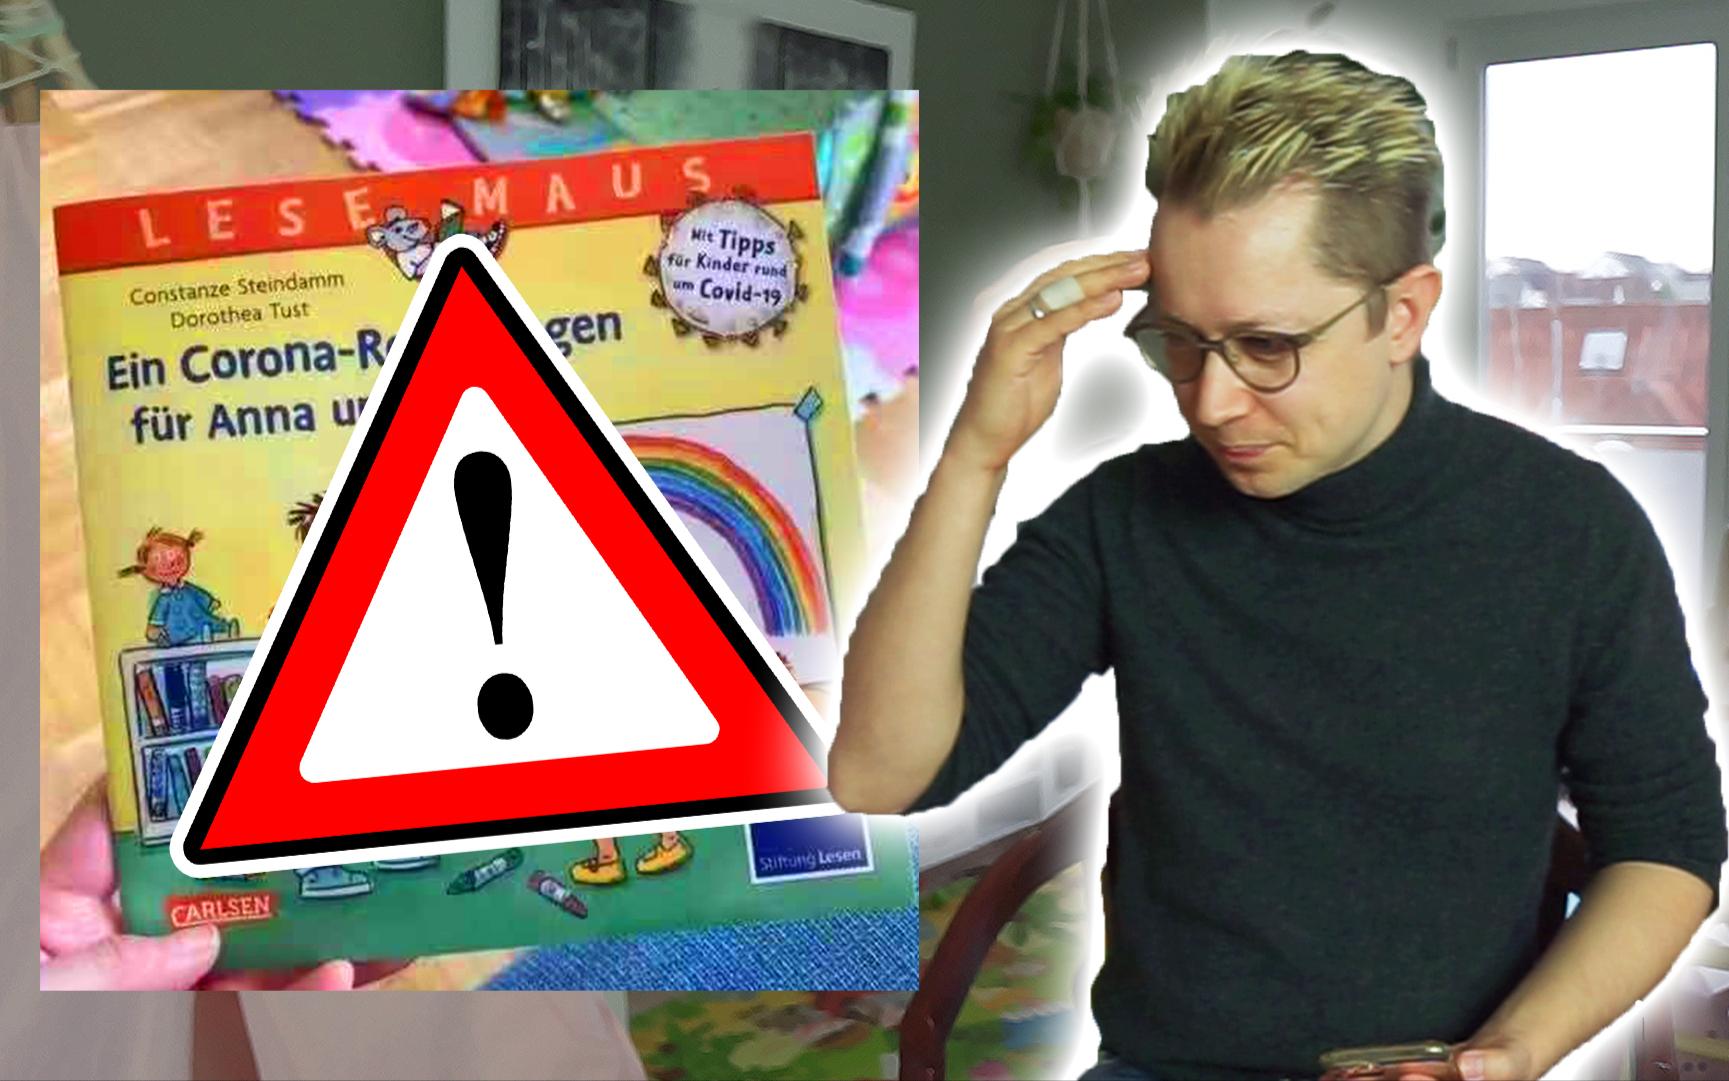 德国儿童书上写:新冠病毒来自中国!这是儿童读物还是毒物?